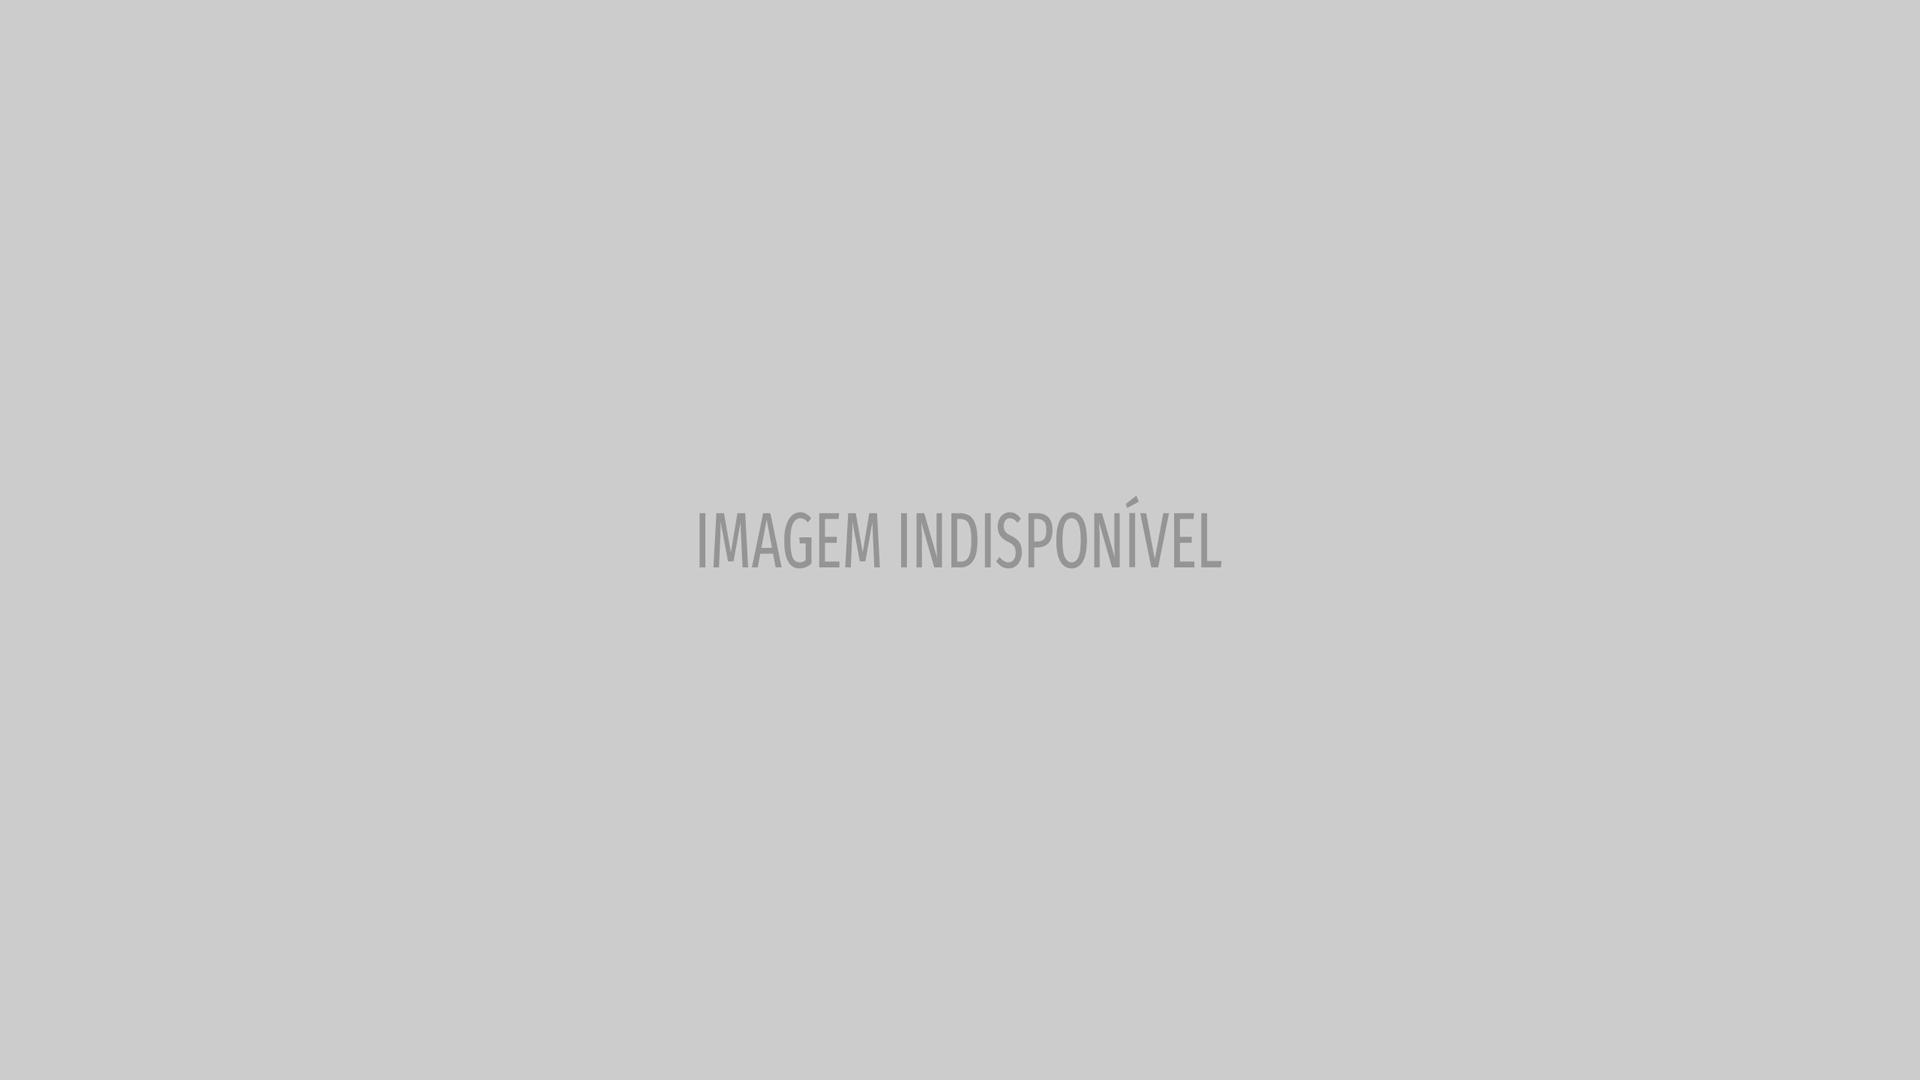 Gisele Bündchen lembra ioga com a filha: 'Derrete meu coração'